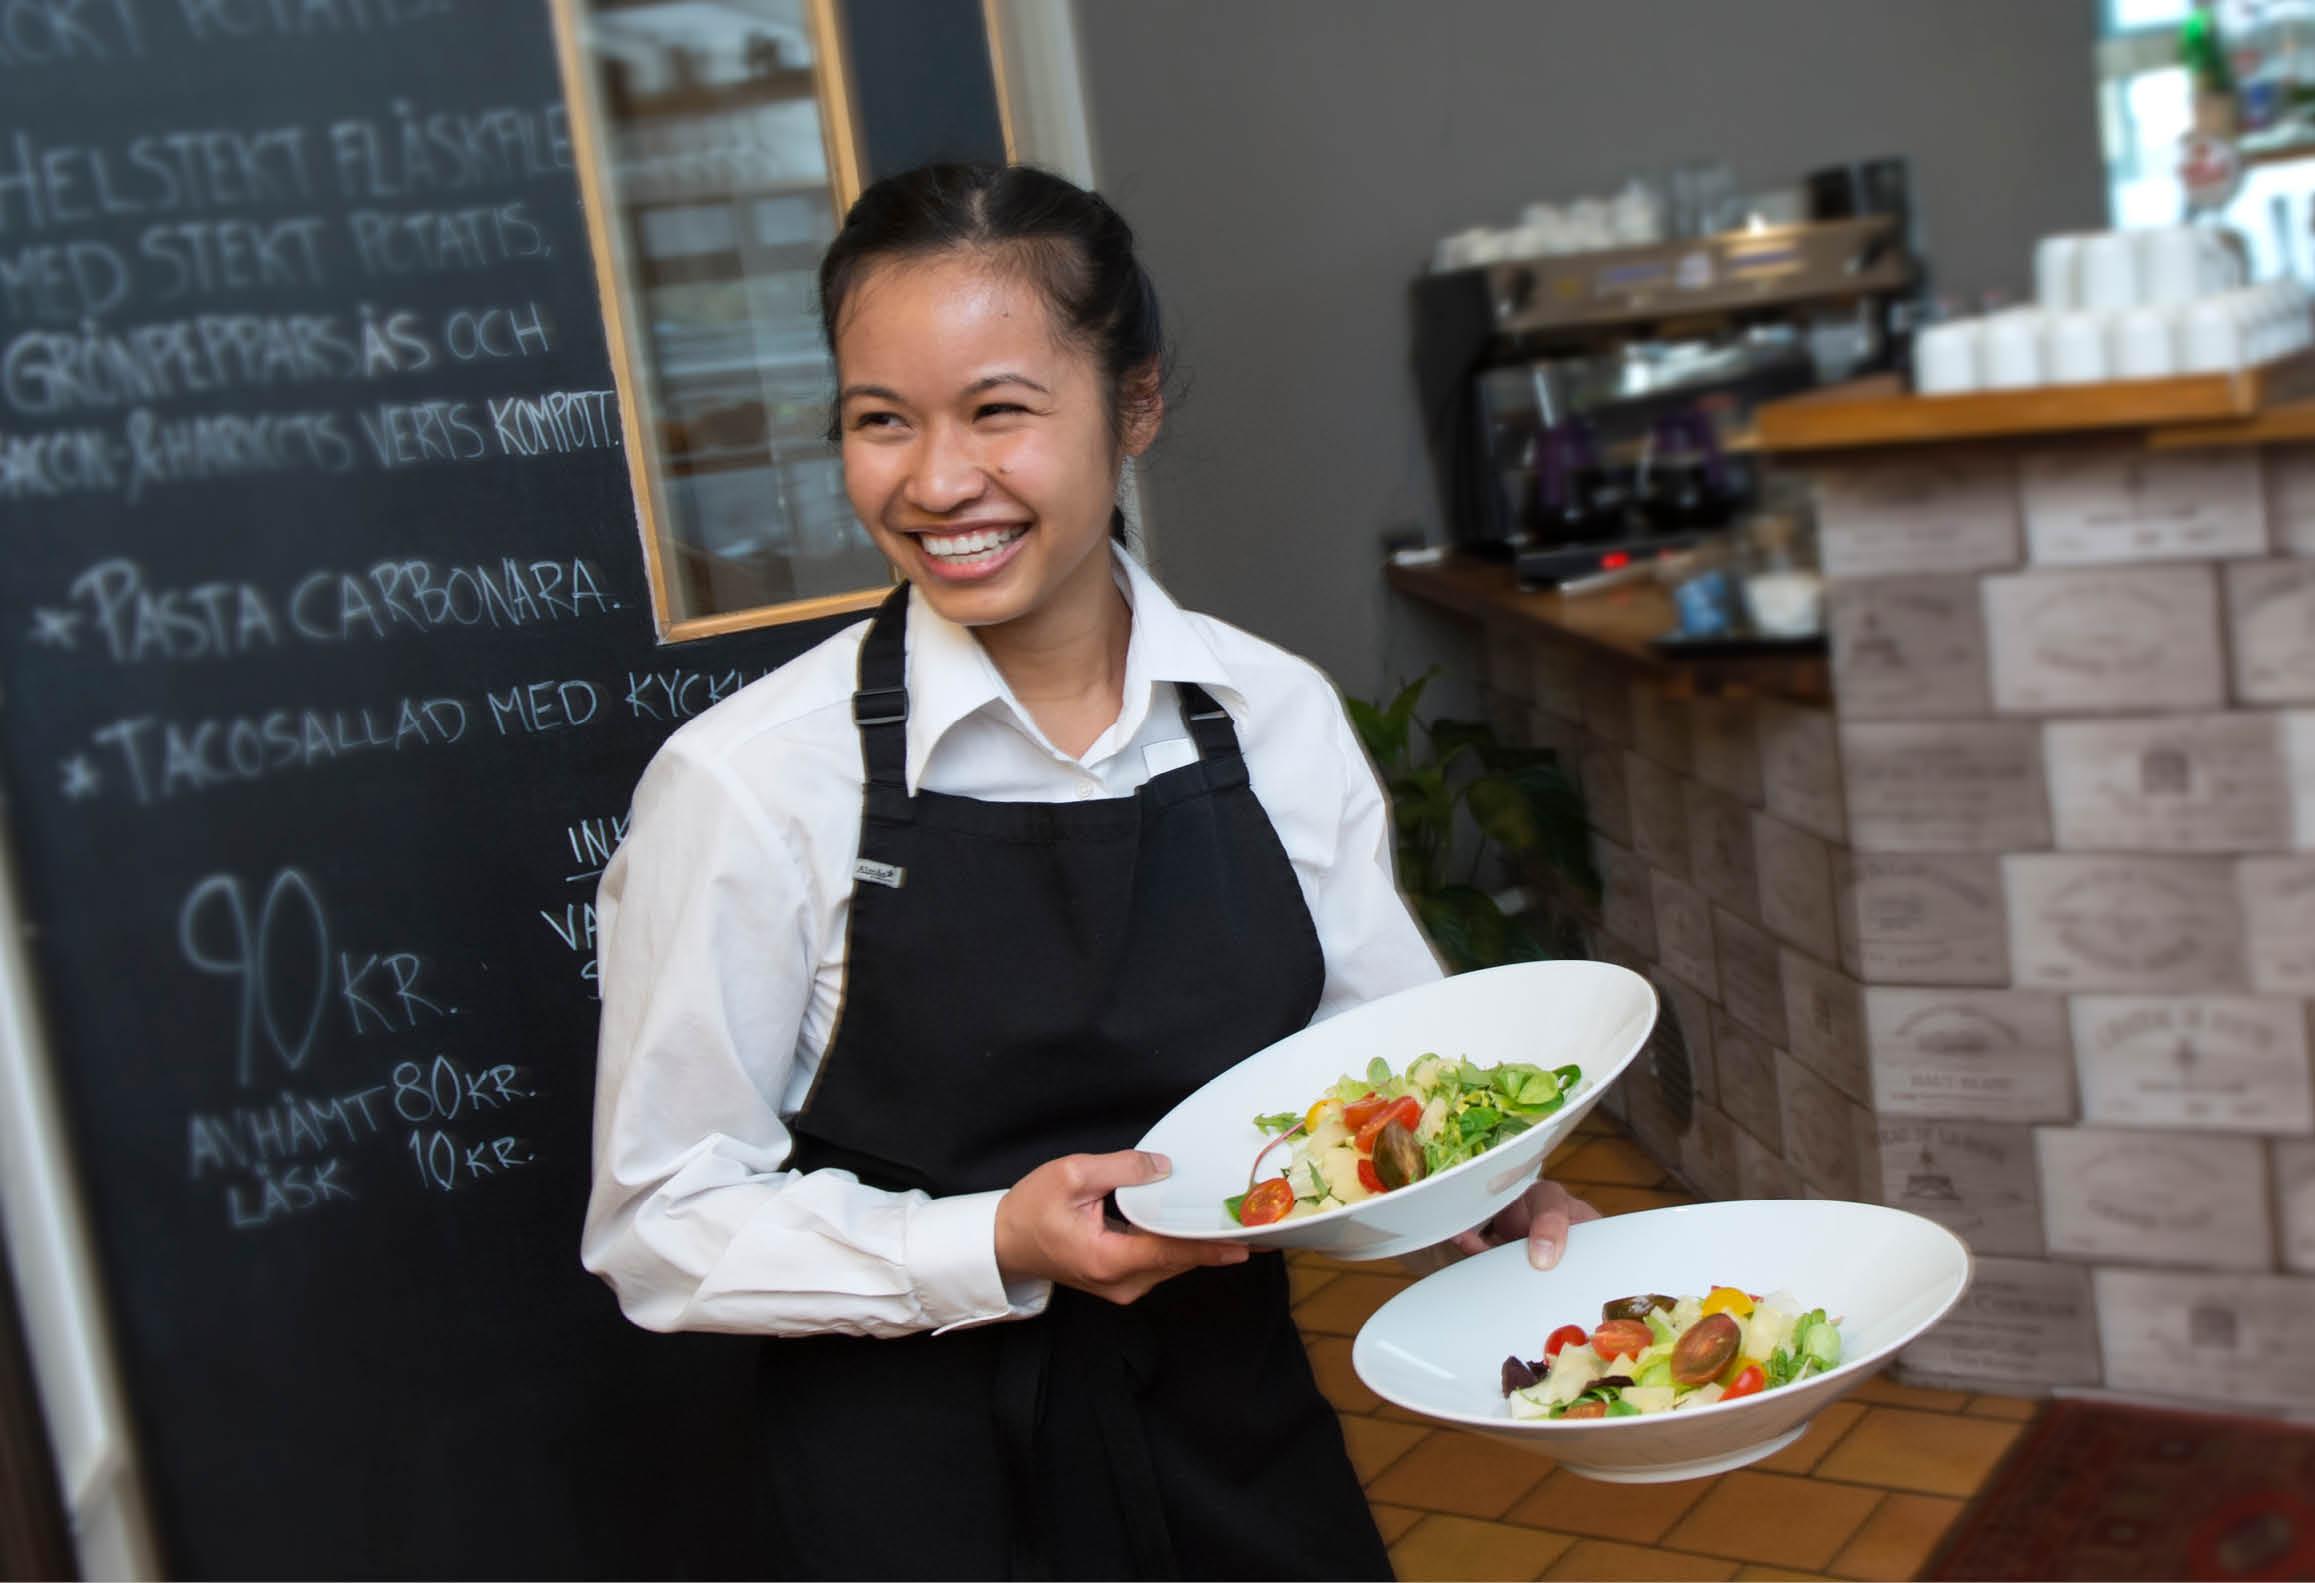 Servitris med mat som ska serveras